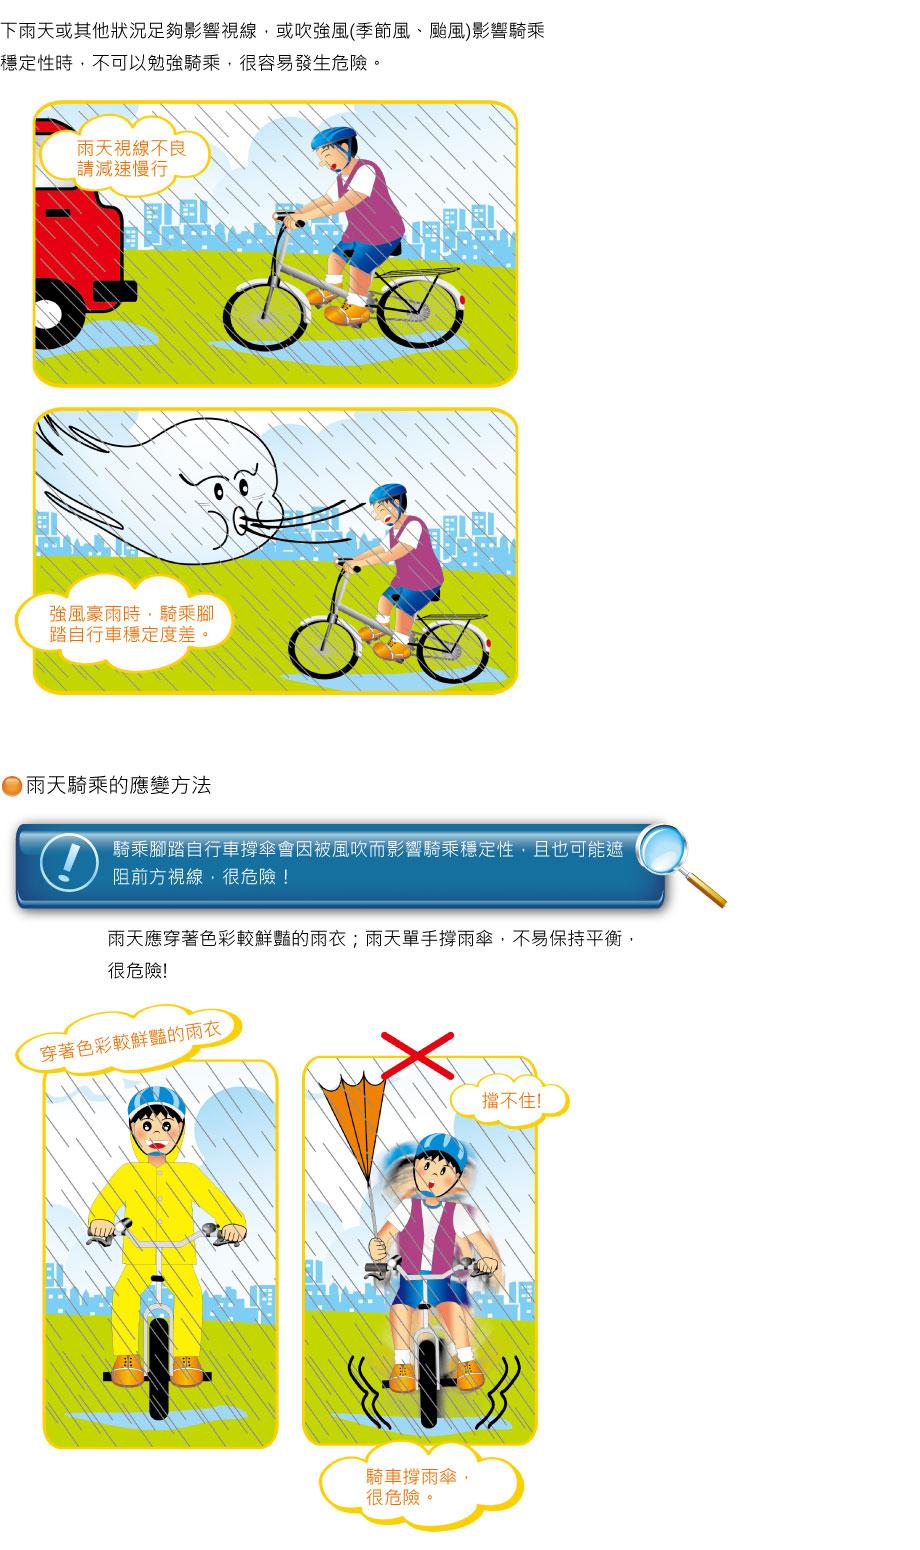 雨天及天候不佳時騎乘方法說明圖片